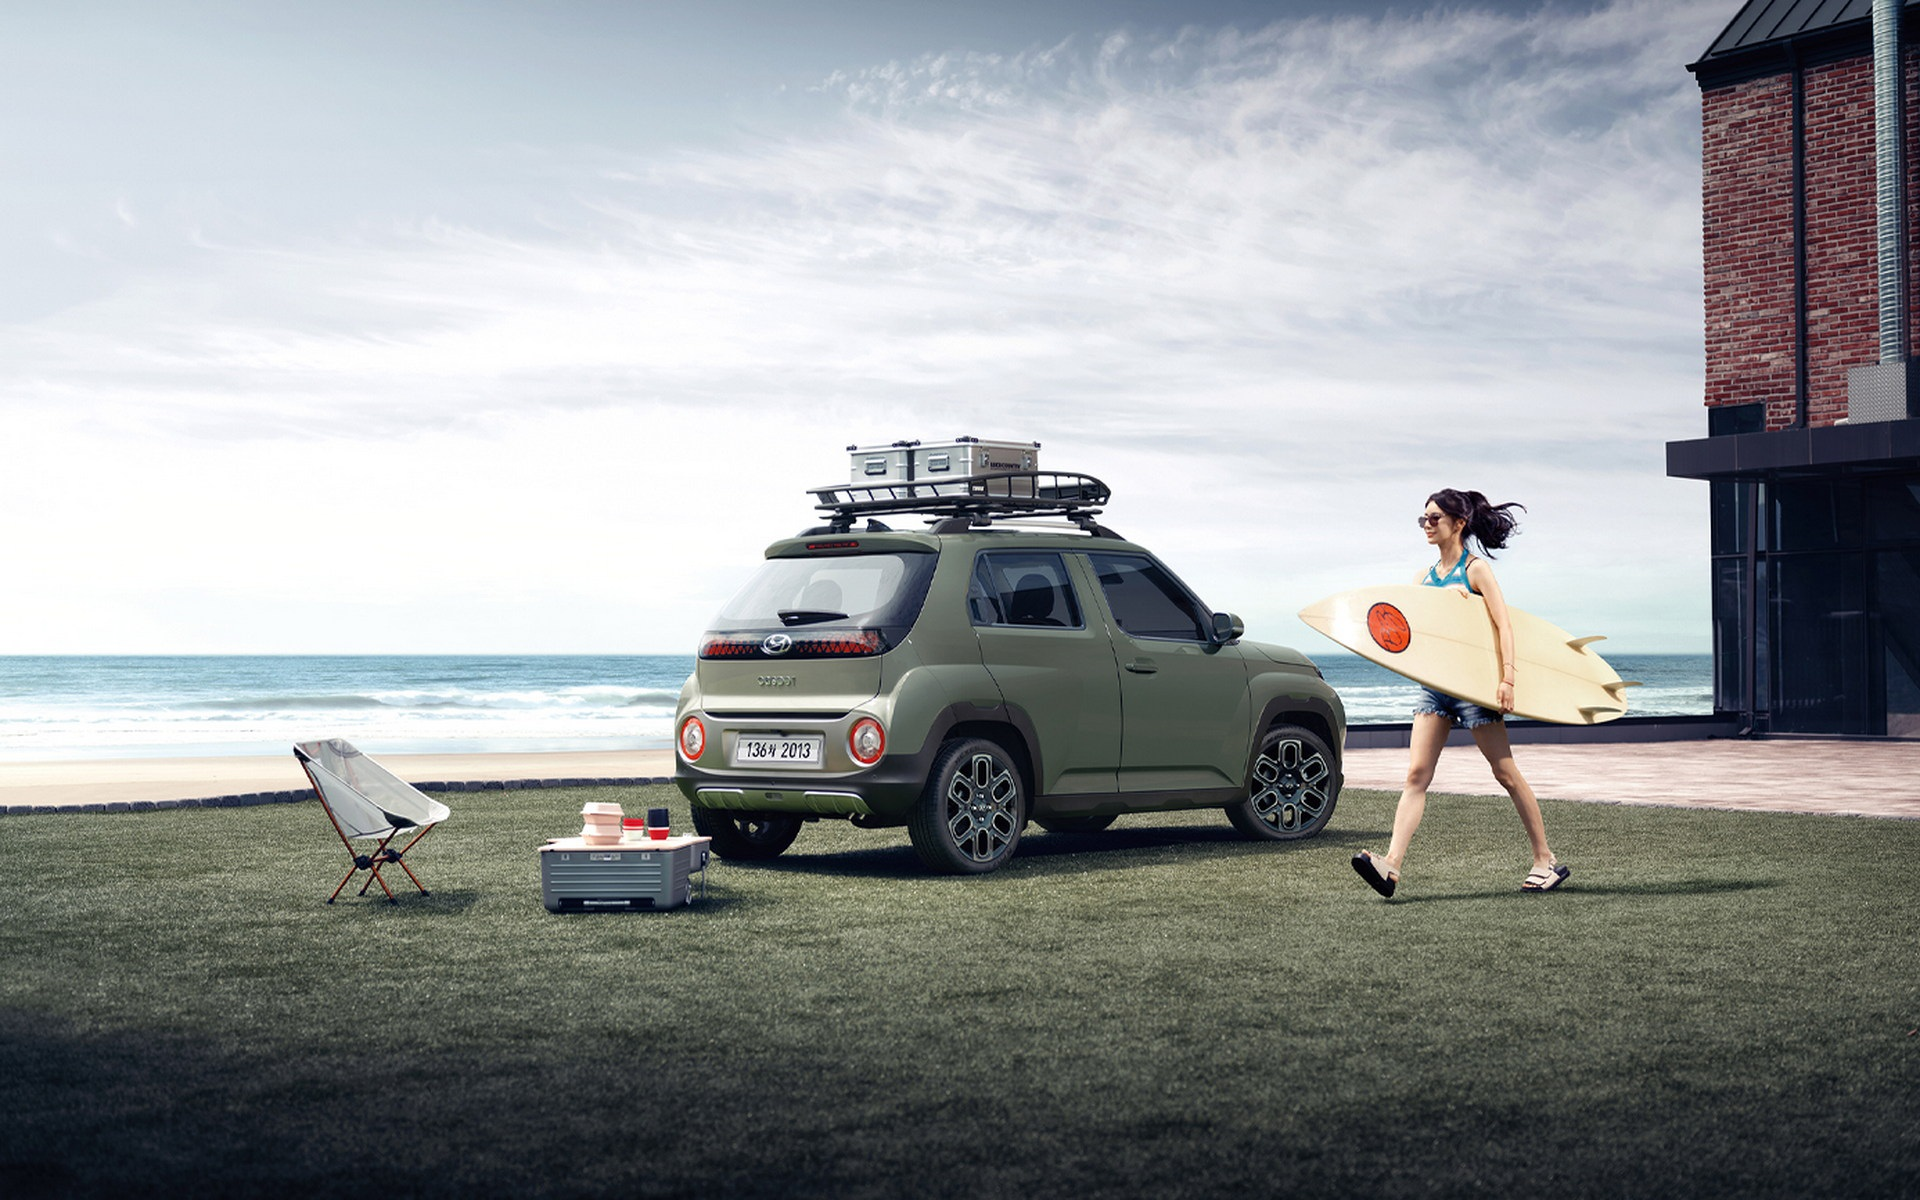 Mở bán tân binh Casper- mẫu SUV rẻ nhất của Hyundai - Ảnh 11.